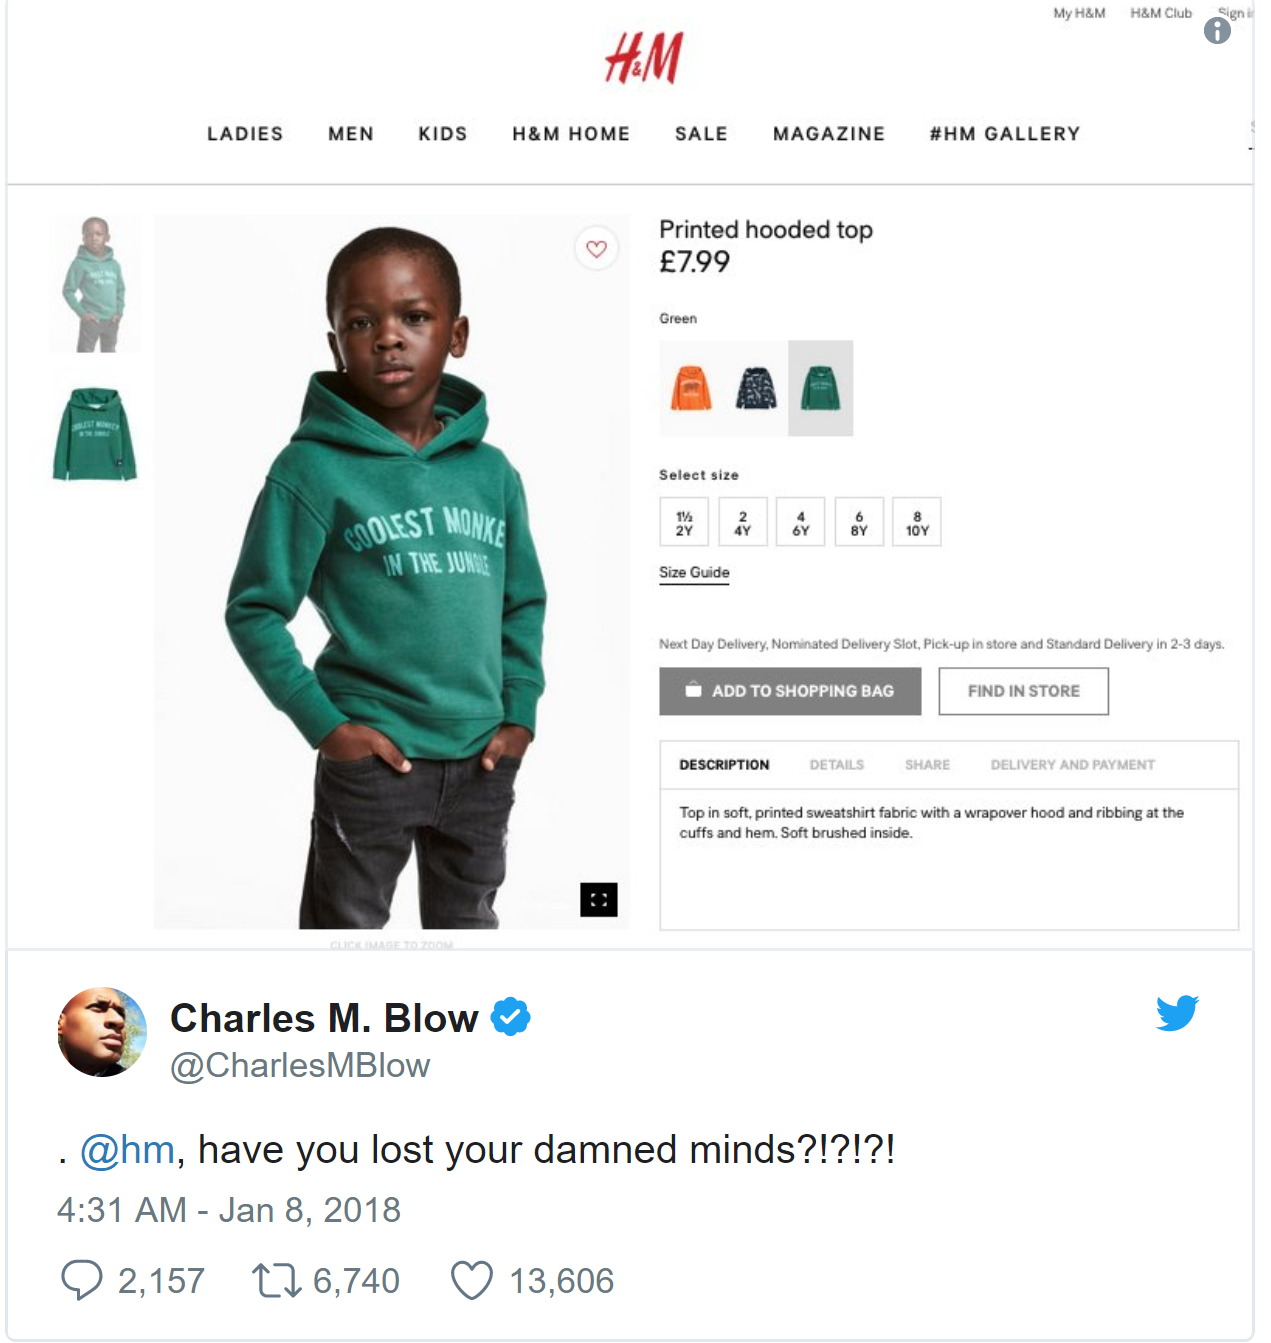 hm-pubblicità-razzista.png